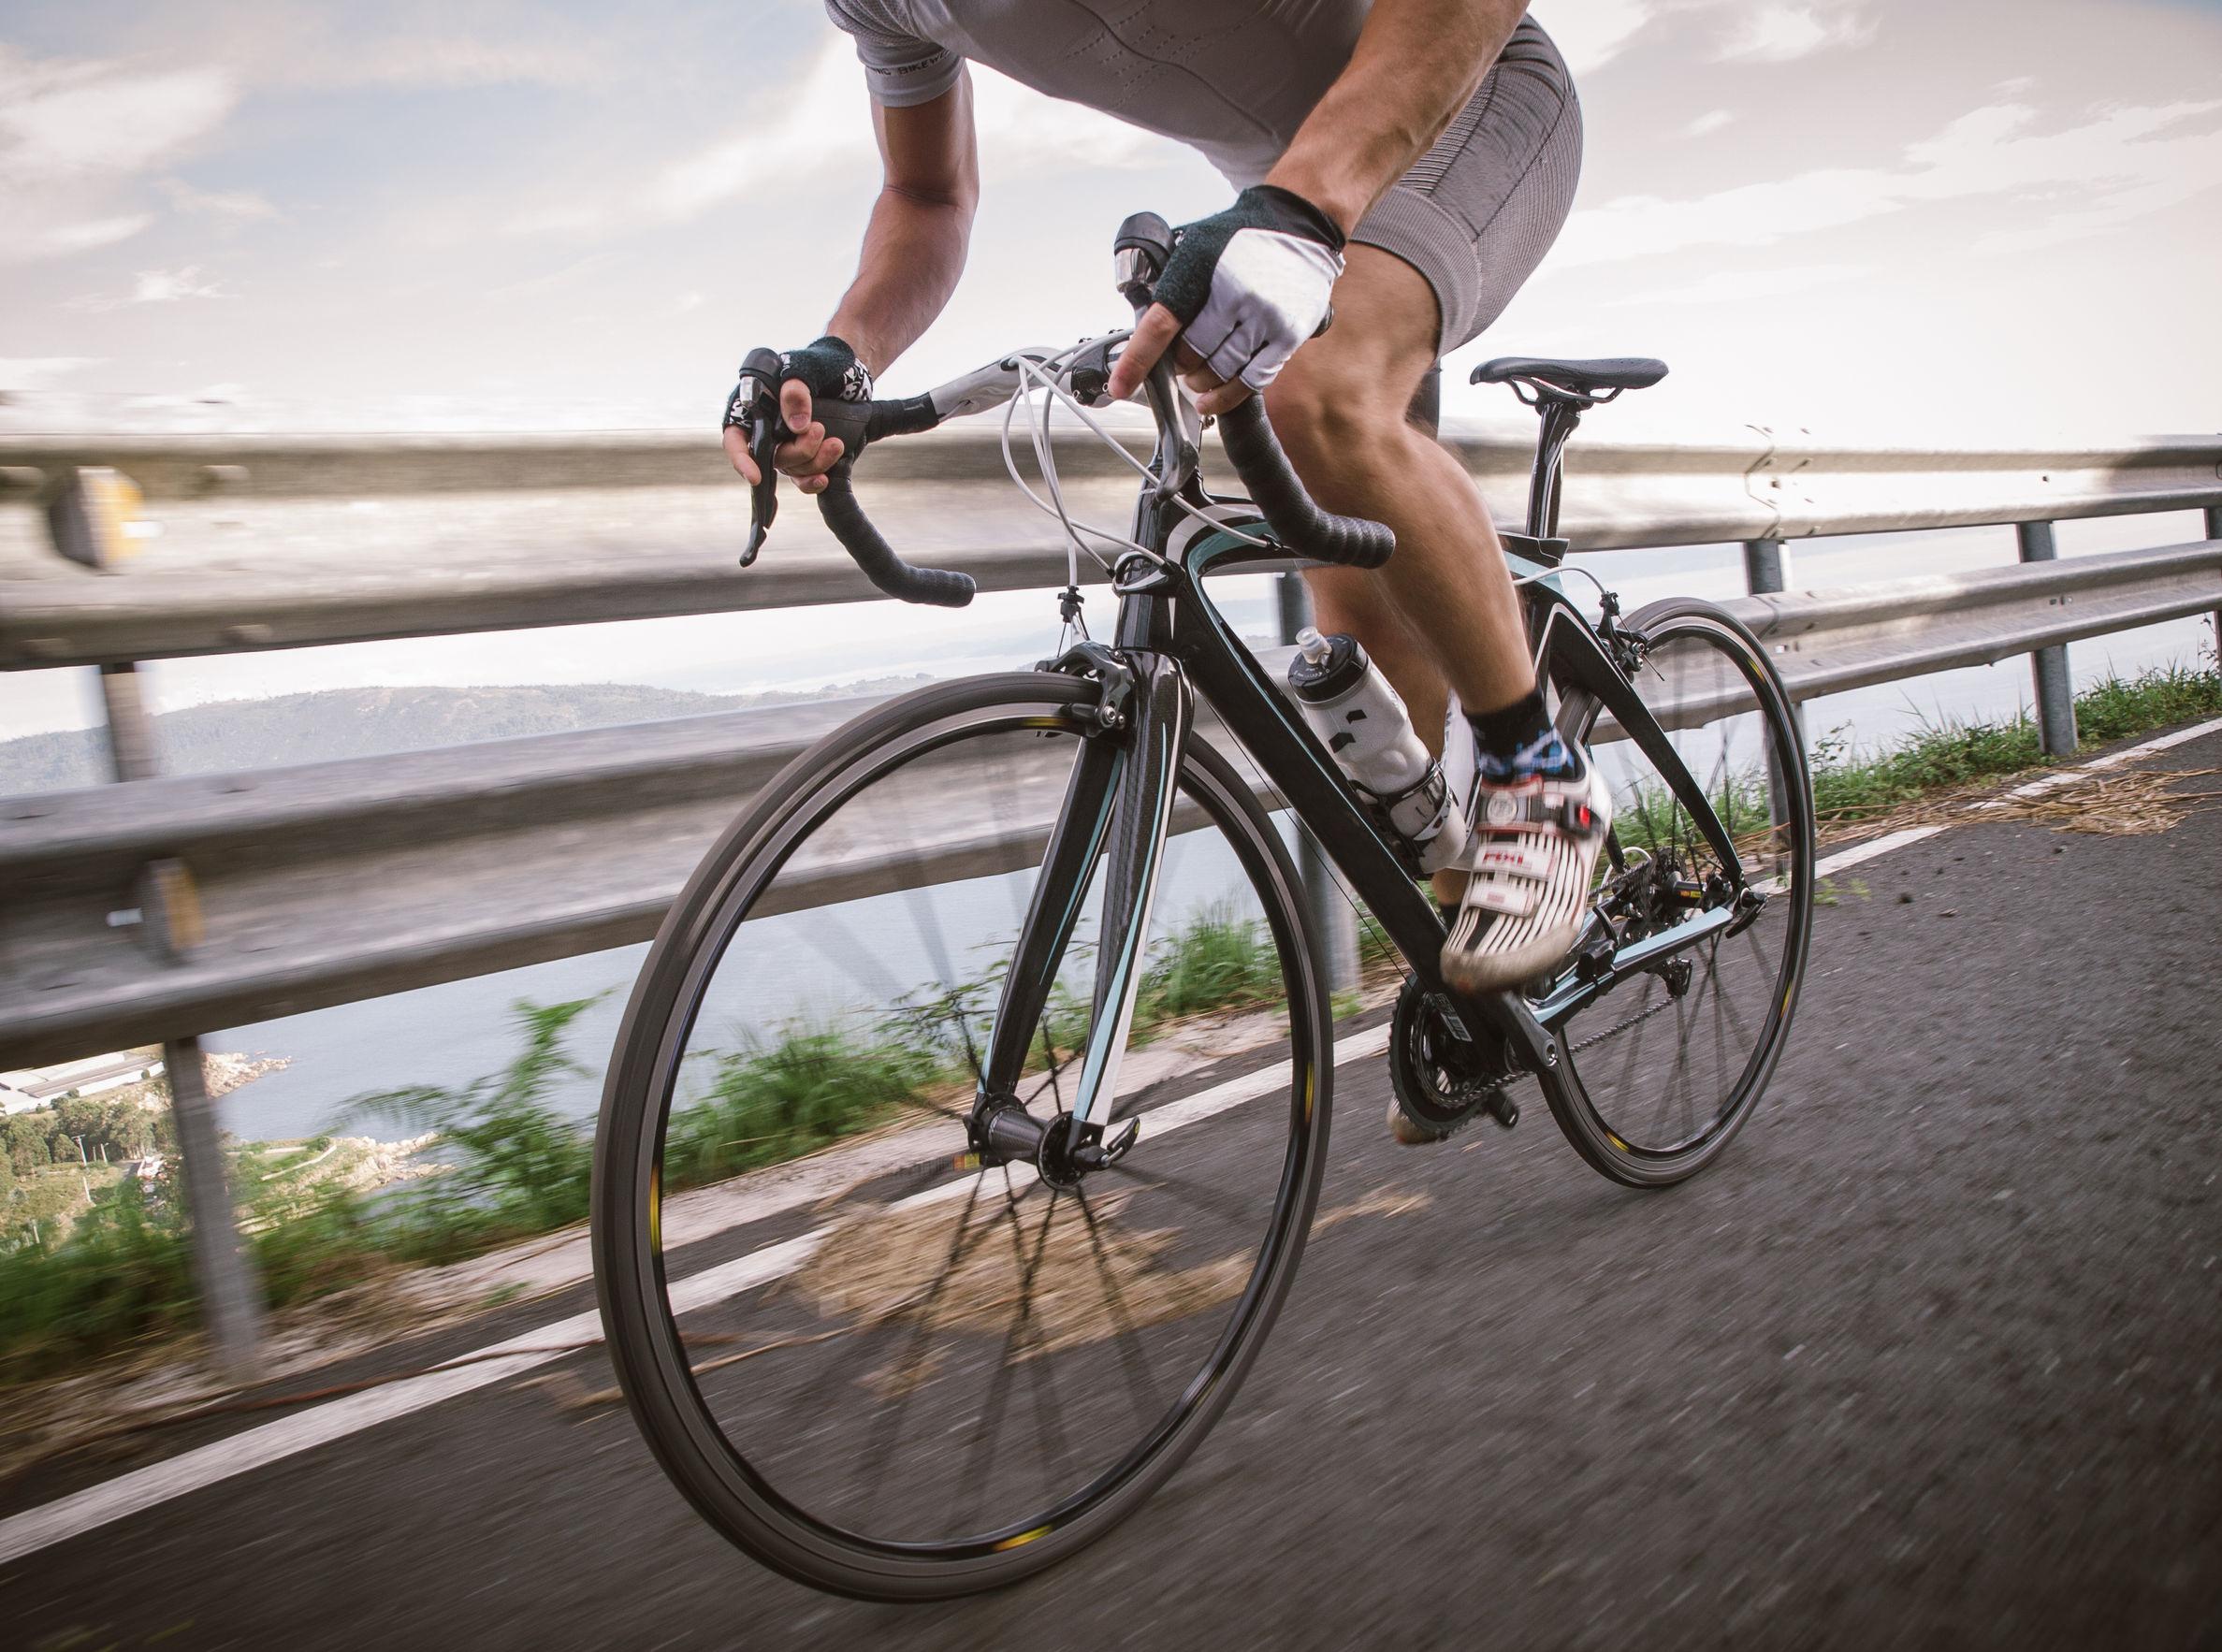 Bicicletas de carrera: ¿Cuál es la mejor del 2020?